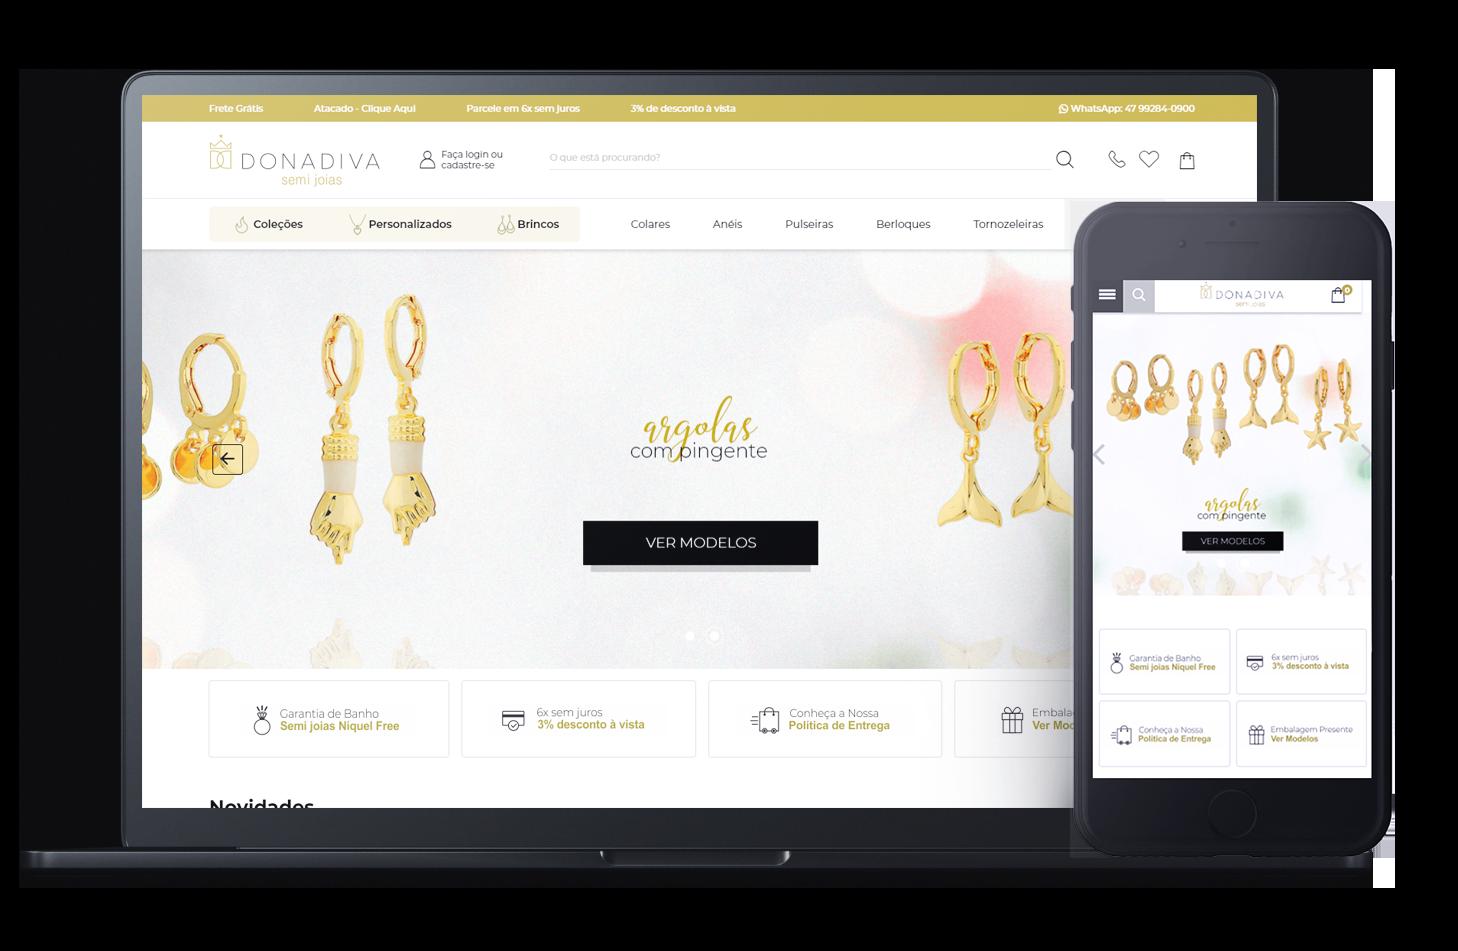 Mockup da loja virtual Donadiva, desenvolvida com a Plataforma de E-commerce Magento Bis2Bis